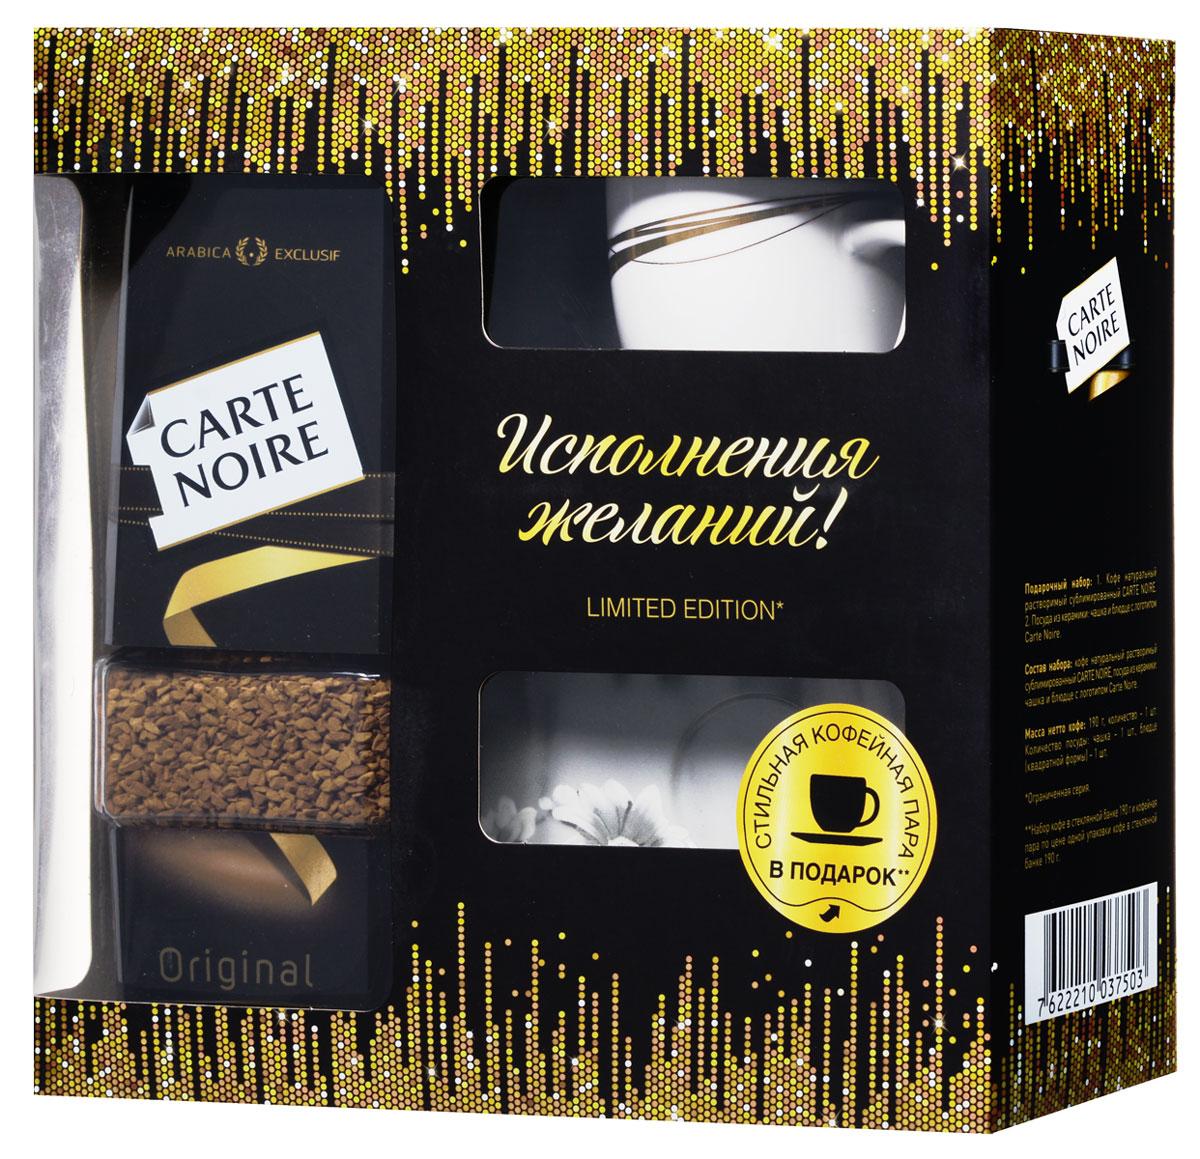 Carte Noire Original кофе растворимый + фирменная чашка, 190 г4019854Достигнув совершенства в кофейном мастерстве, Carte Noire создал новый стандарт качества кофе. Обжарка Carte Noire Огонь и Лед раскрывает всю интенсивность и богатство вкуса натурального кофейного зерна. Так же как лед украшает пламя, холодный поток останавливает обжарку на самом пике, чтобы создать совершенный насыщенный кофе. В этом столкновении контрастов рождается исключительность Carte Noire - его безупречный насыщенный вкус и непревзойденное качество. Для создания нового вкуса совершенного французского кофе Carte Noire используются высококачественные кофейные зерна 100% Arabica Exclusif. Изысканный подарок способен создать особую неповторимую атмосферу. Перенеситесь на мгновение во Францию - начните утро со стильной чашечки кофе Carte Noire с образами Парижа и насладитесь его насыщенным вкусом и утонченным ароматом.